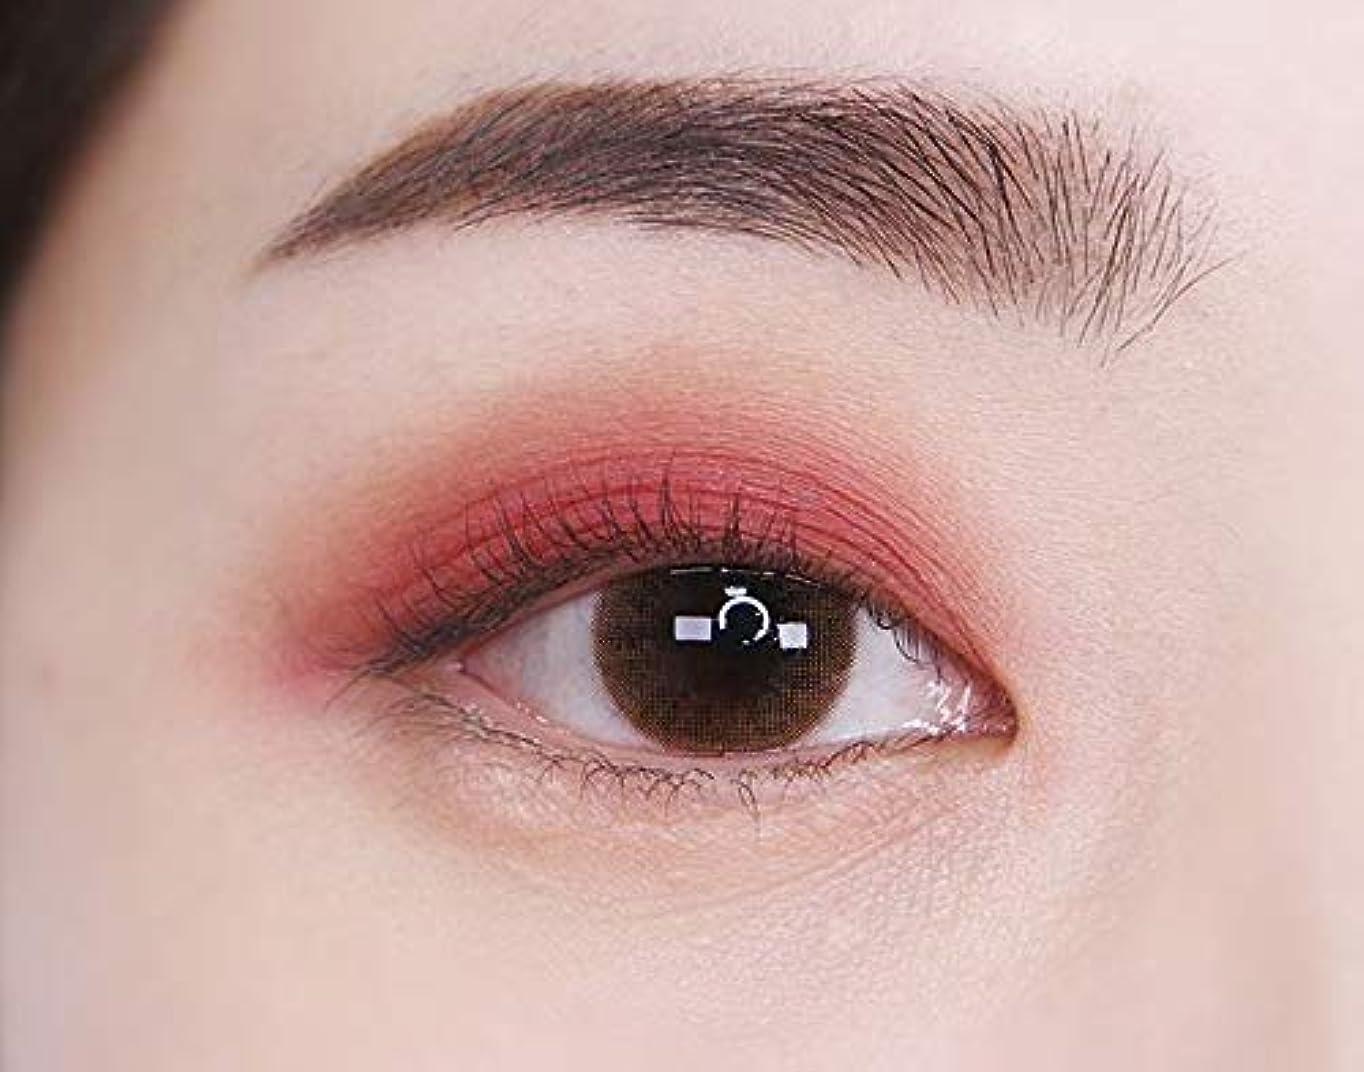 ゴム慢性的国民[イニスフリー] innisfree [マイ パレット マイ アイシャドウ (マット) 2カラー] MY PALETTE My Eyeshadow (Matte) 2 Shades [海外直送品] (マット #52)